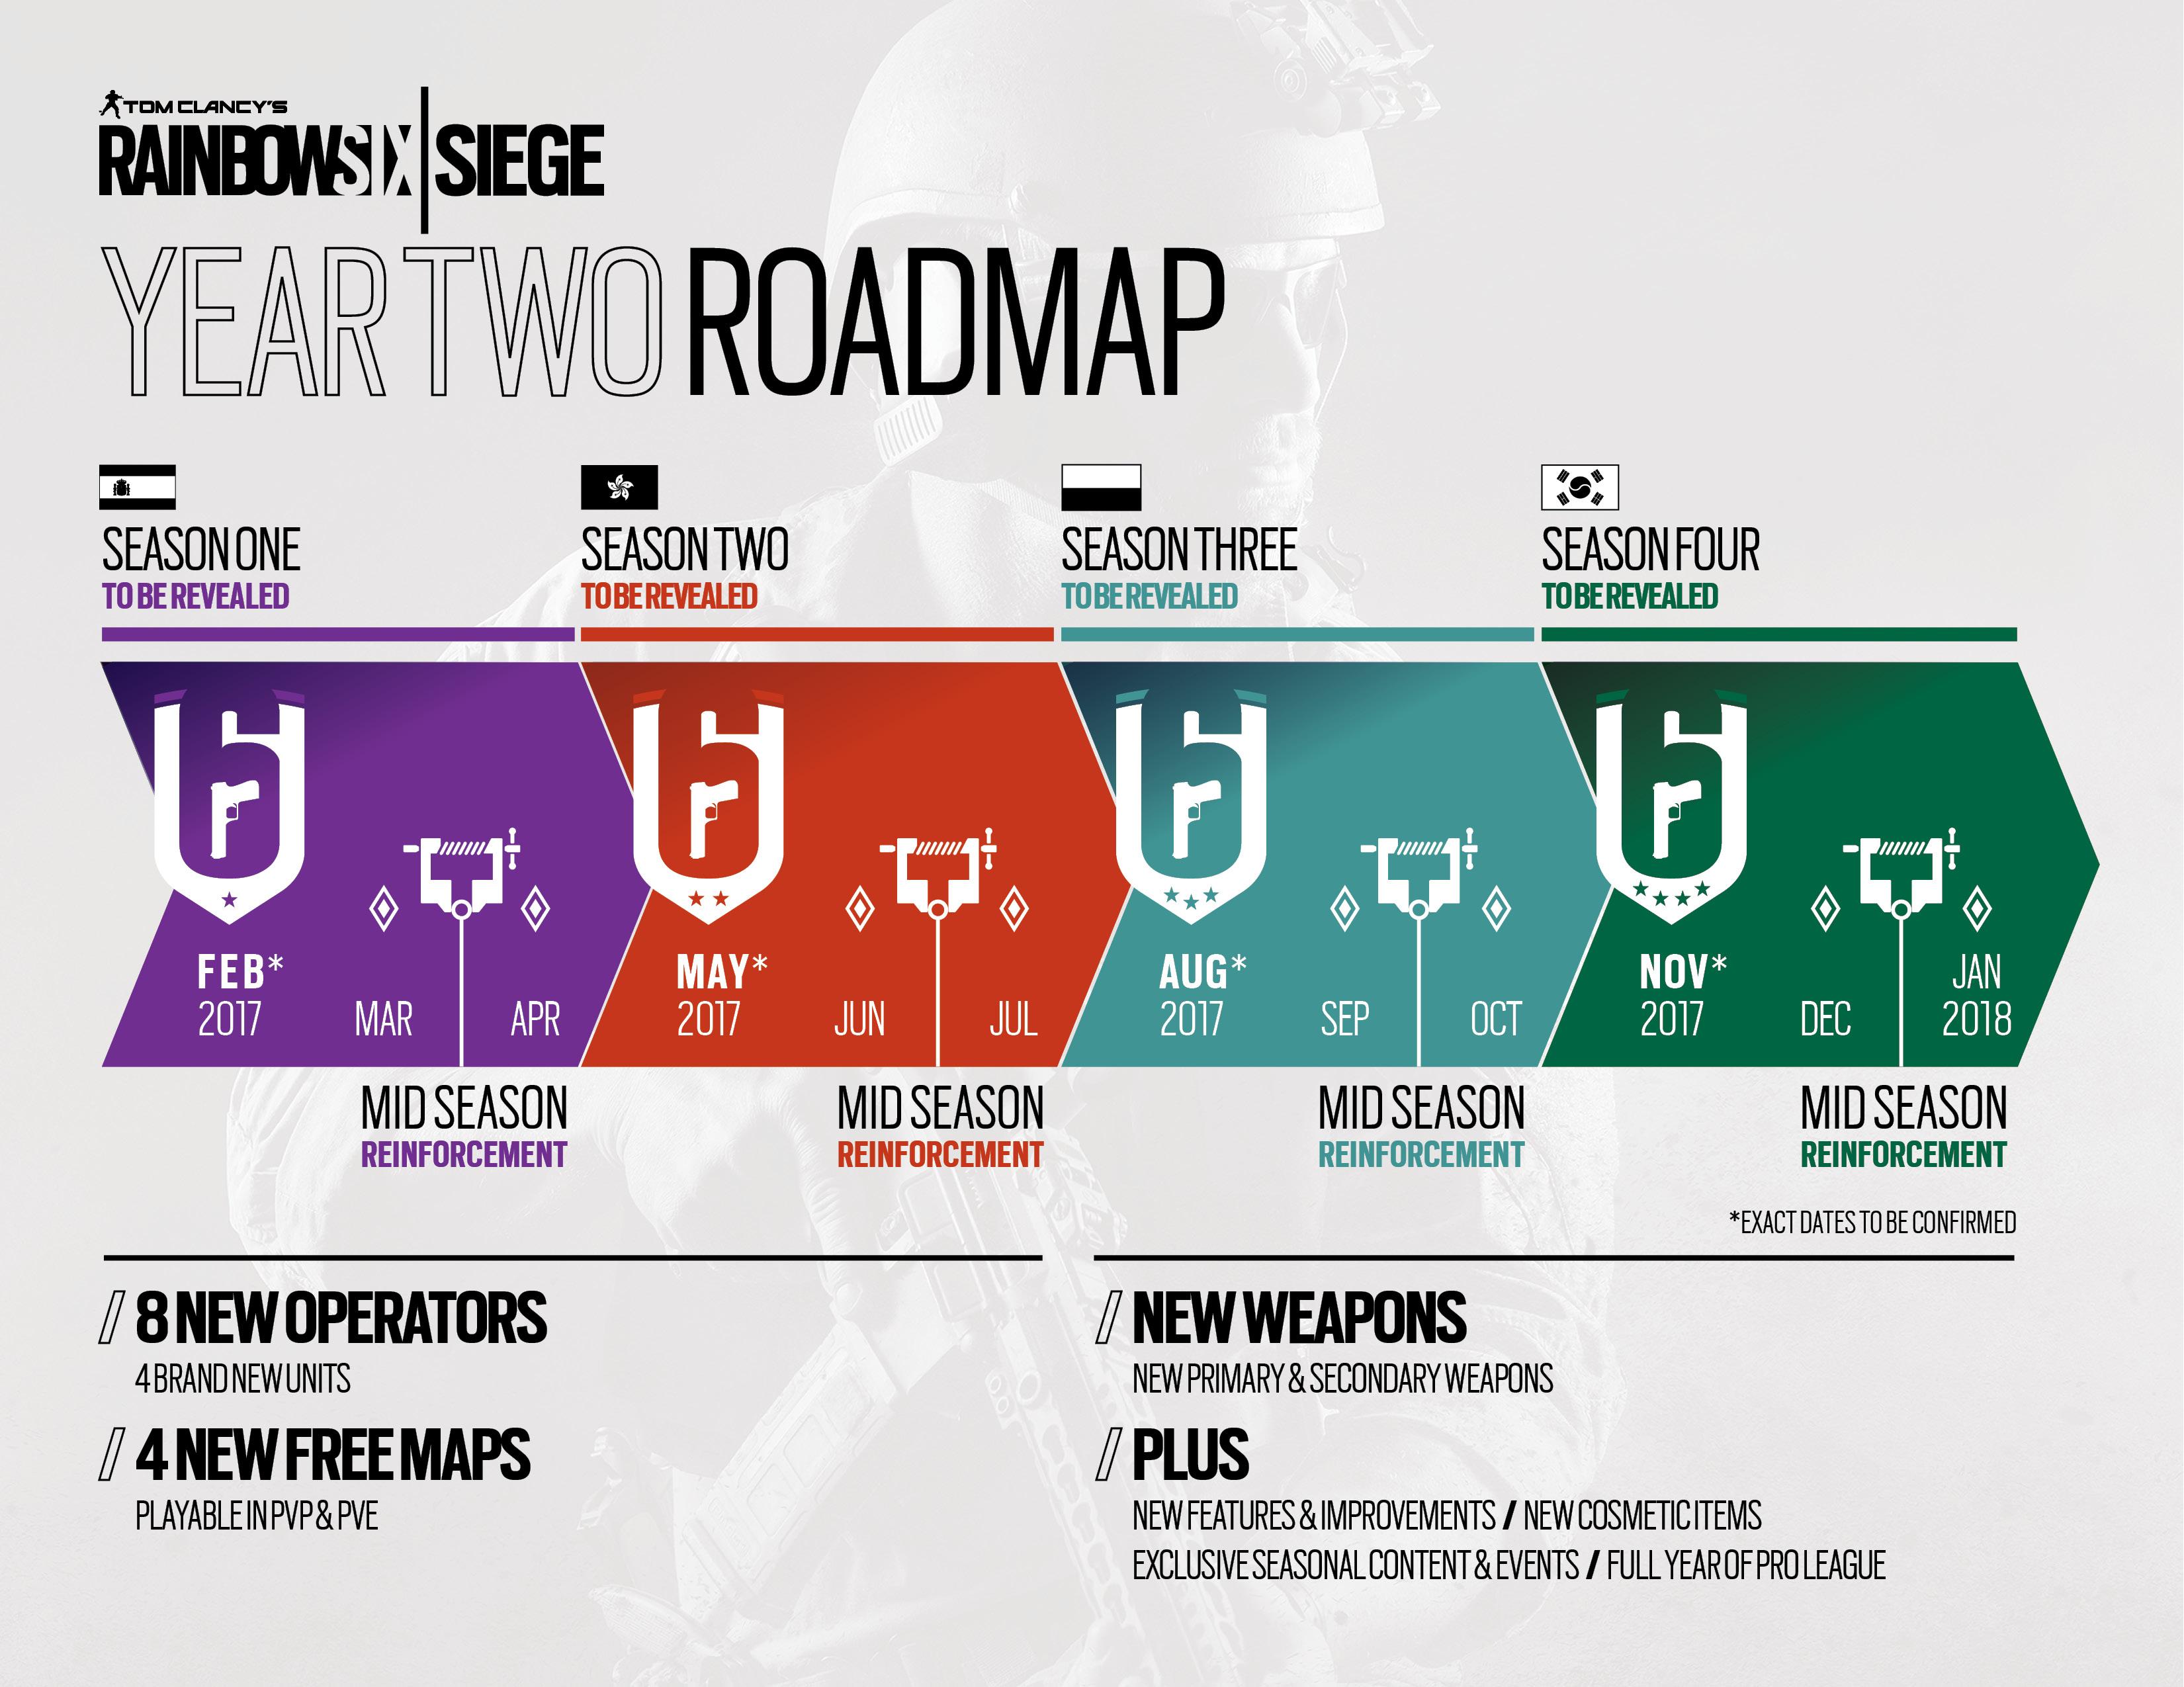 C'est reparti pour une nouvelle année de Rainbow Six : Siege